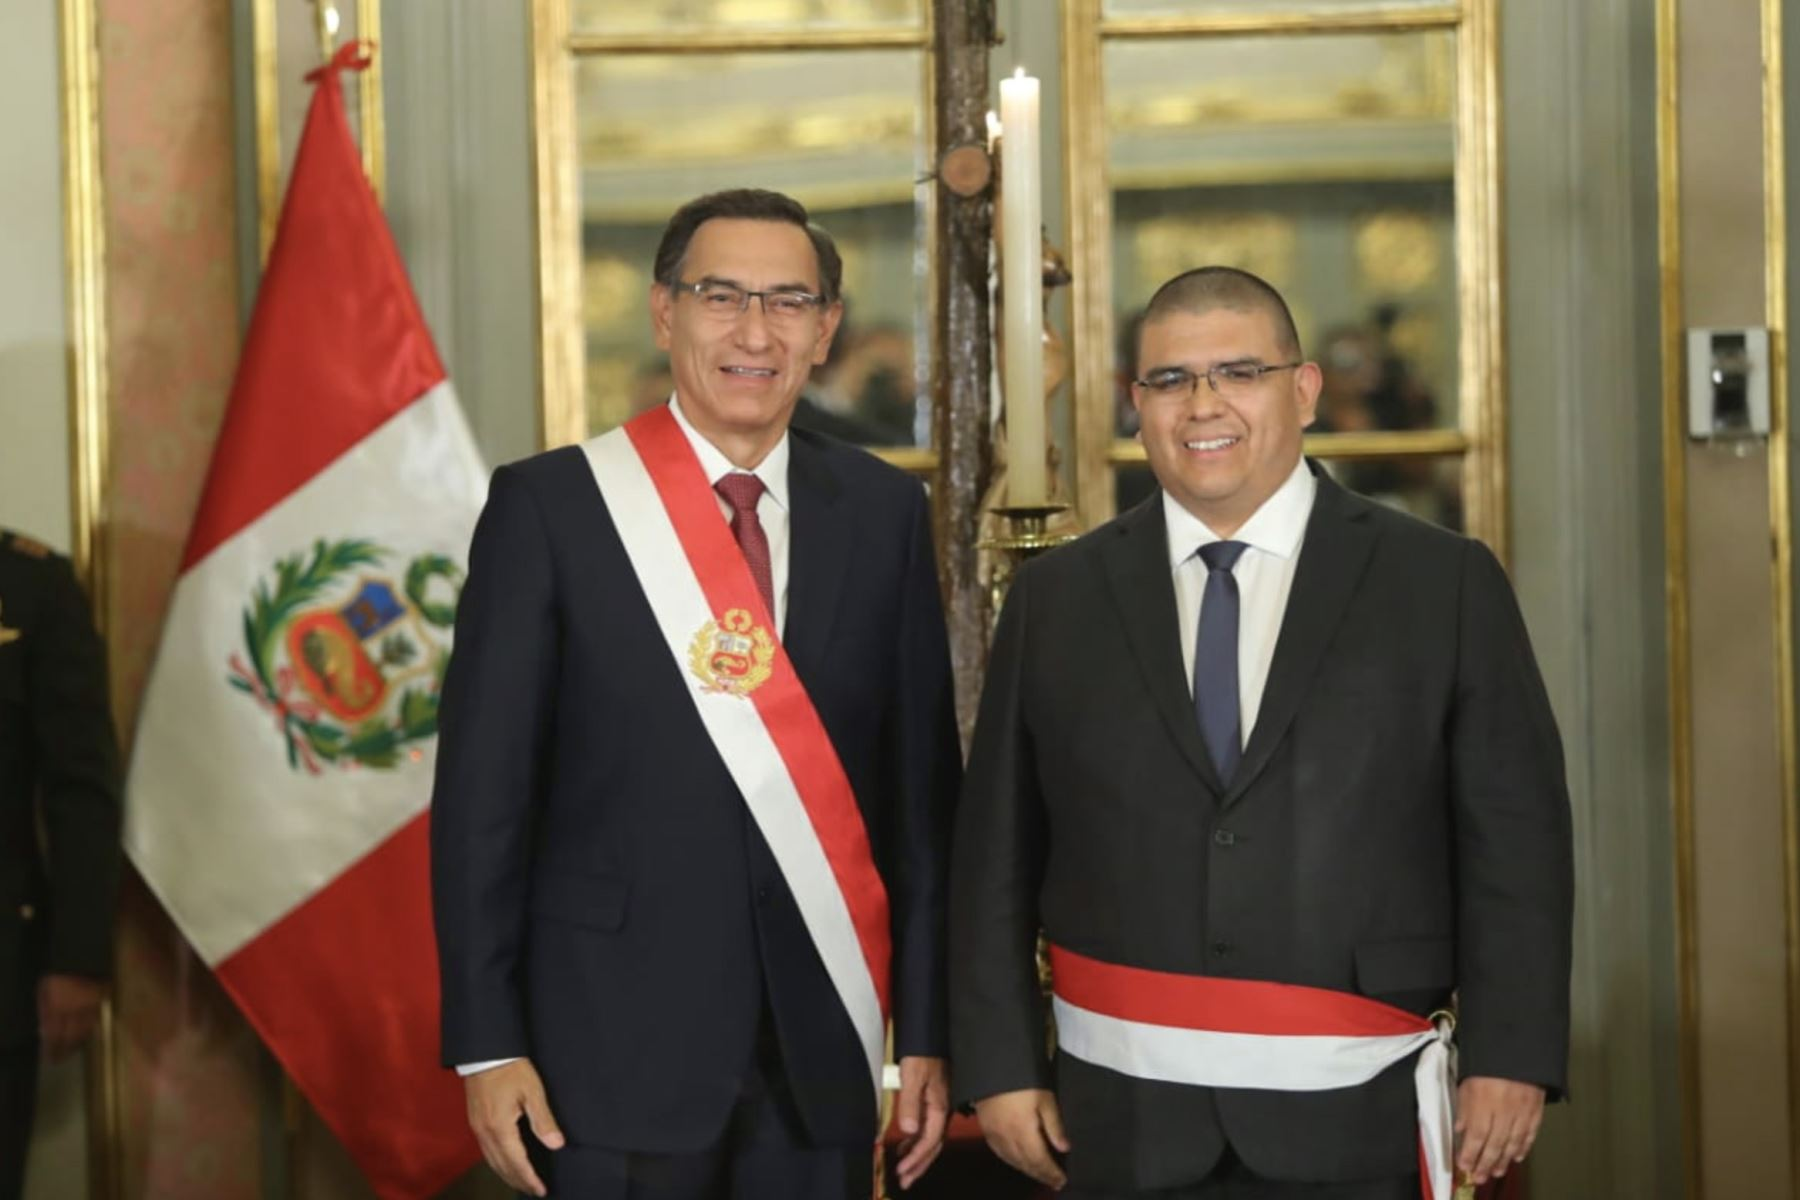 Fernando Castañeda Portocarrero, asume el cargo de ministro de Justicia y Derechos Humanos. Foto: ANDINA /Prensa Presidencia